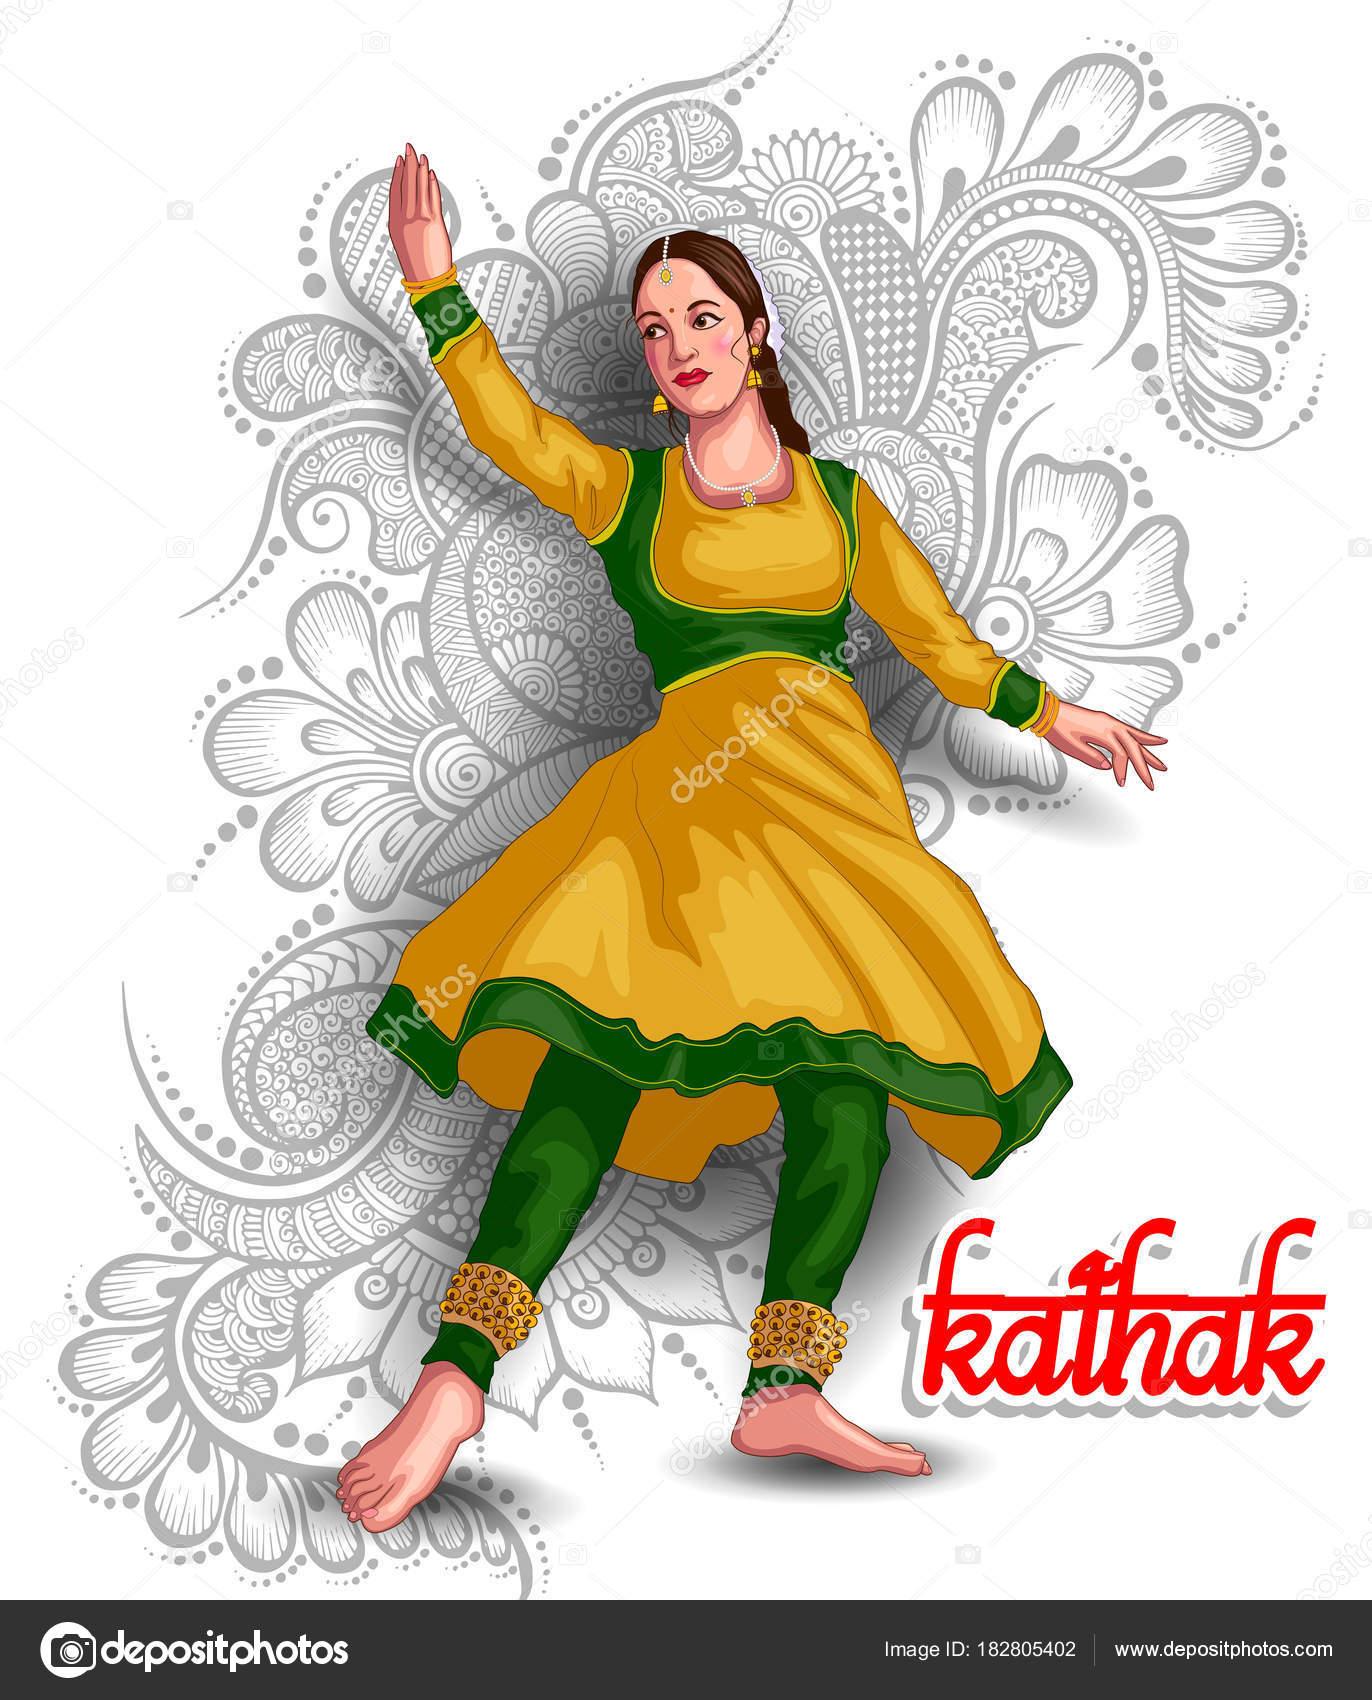 Illustration Indian Kathak Dance Form Stock Vector C Colorbolt 182805402